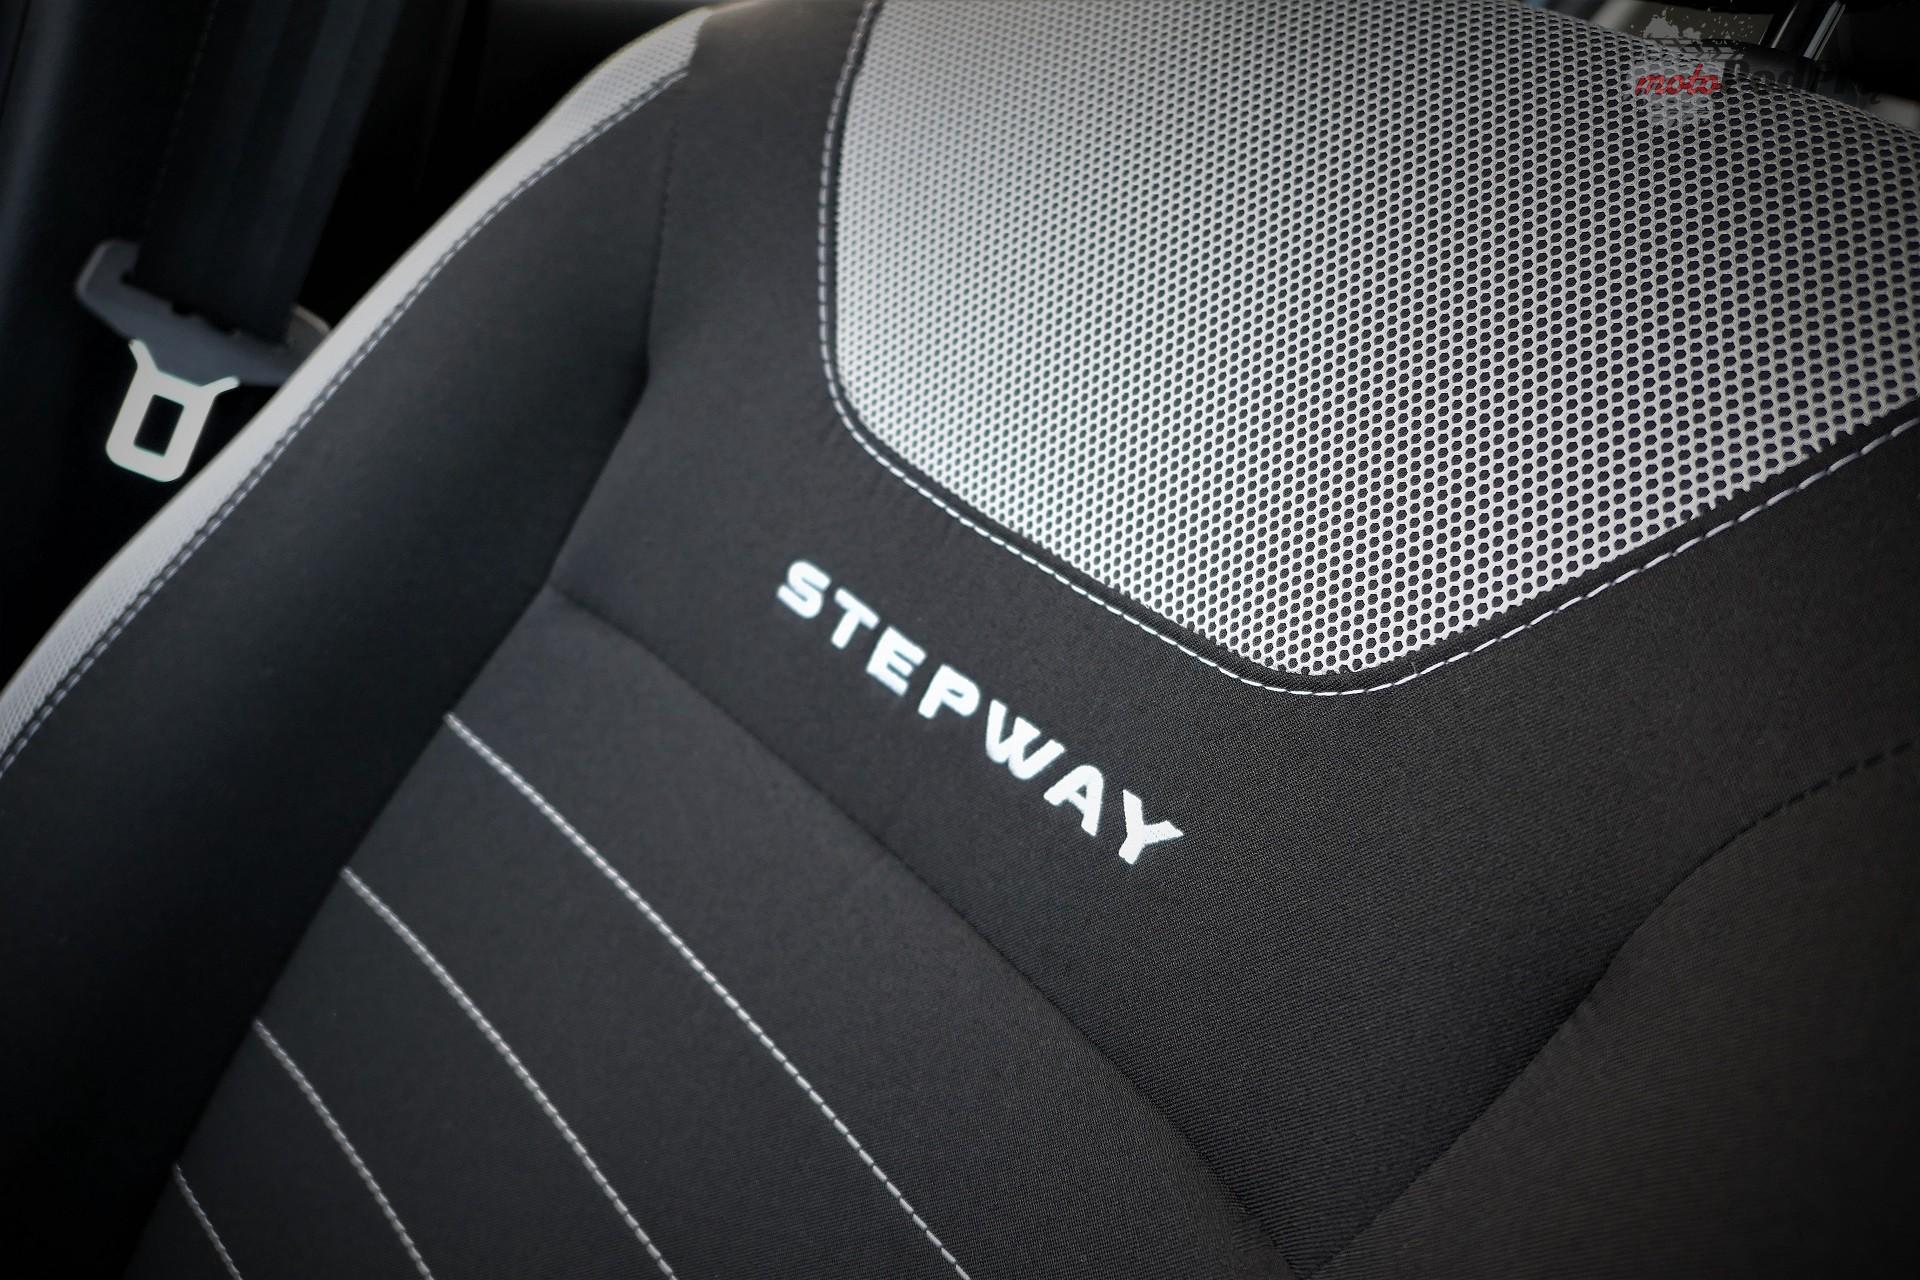 Dacia Sandero Stepway 23 Test: Dacia Sandero Stepway   w prostocie siła